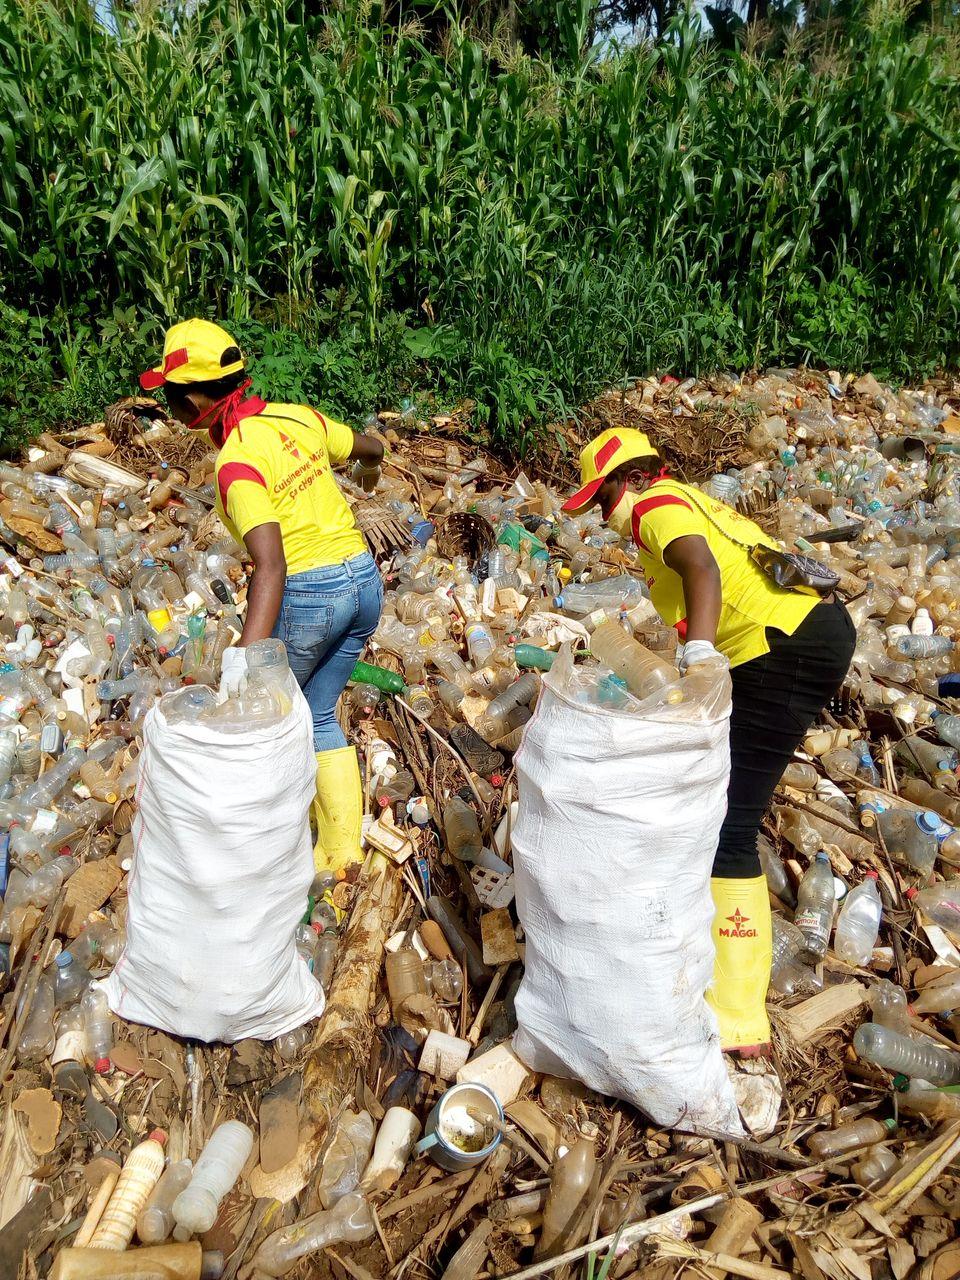 La caravane Maggi engagée dans la collecte des déchets plastiques.